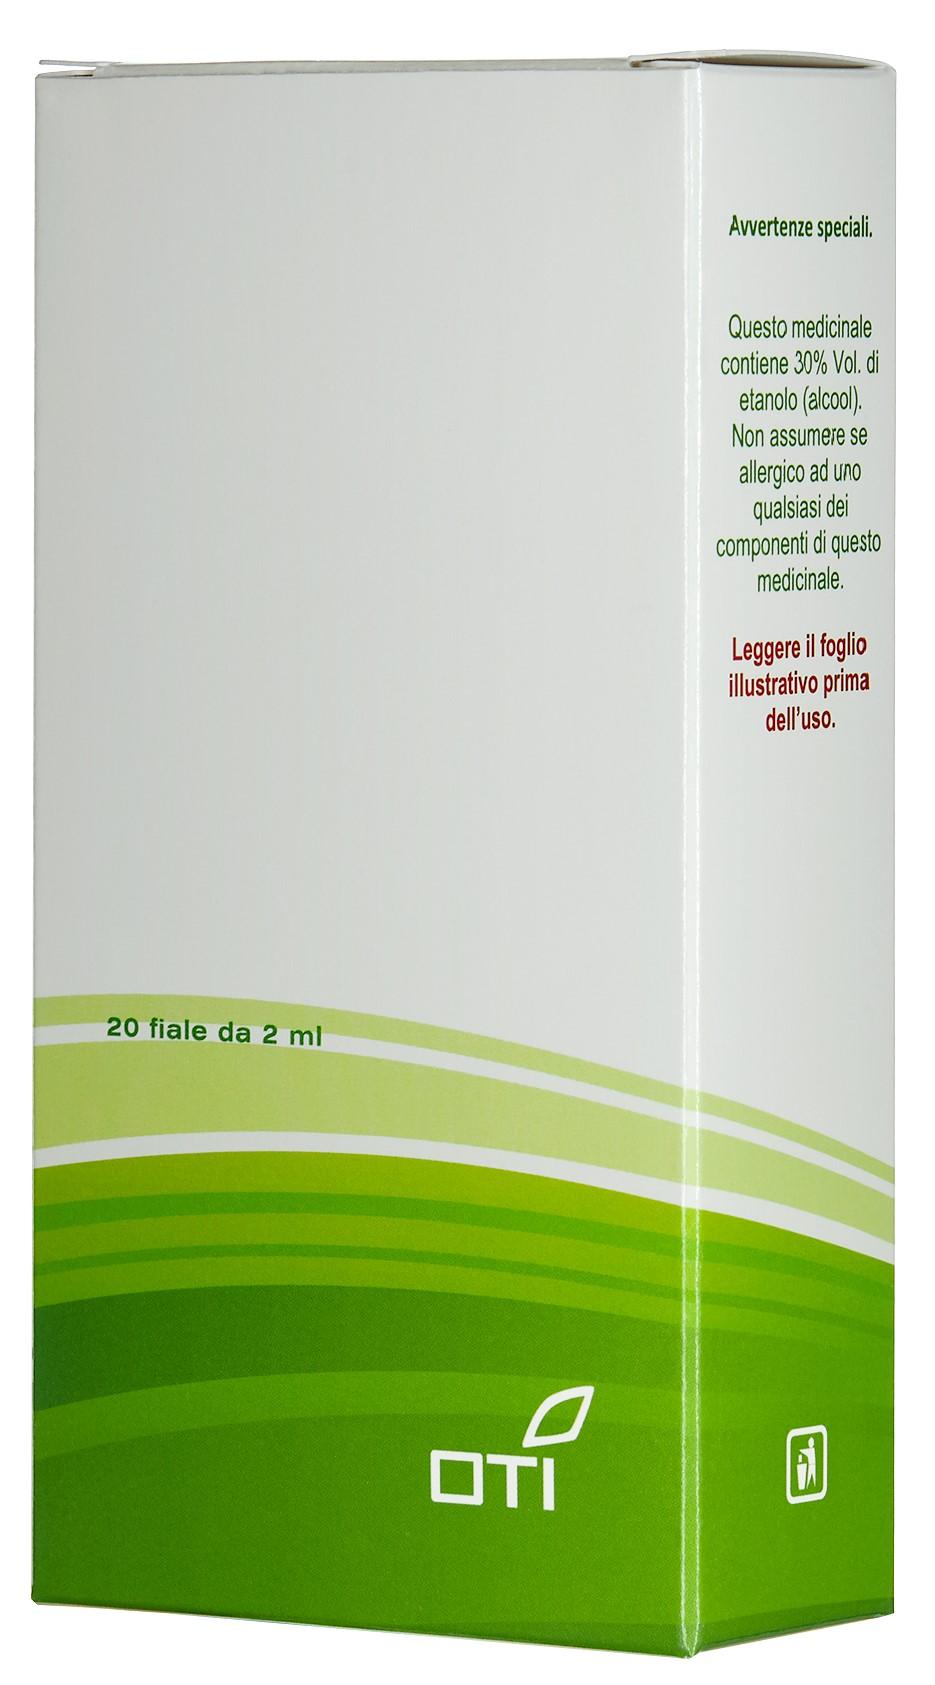 ANTI CD 21*030LM PL 20F 2ML - Parafarmacia la Fattoria della Salute S.n.c. di Delfini Dott.ssa Giulia e Marra Dott.ssa Michela